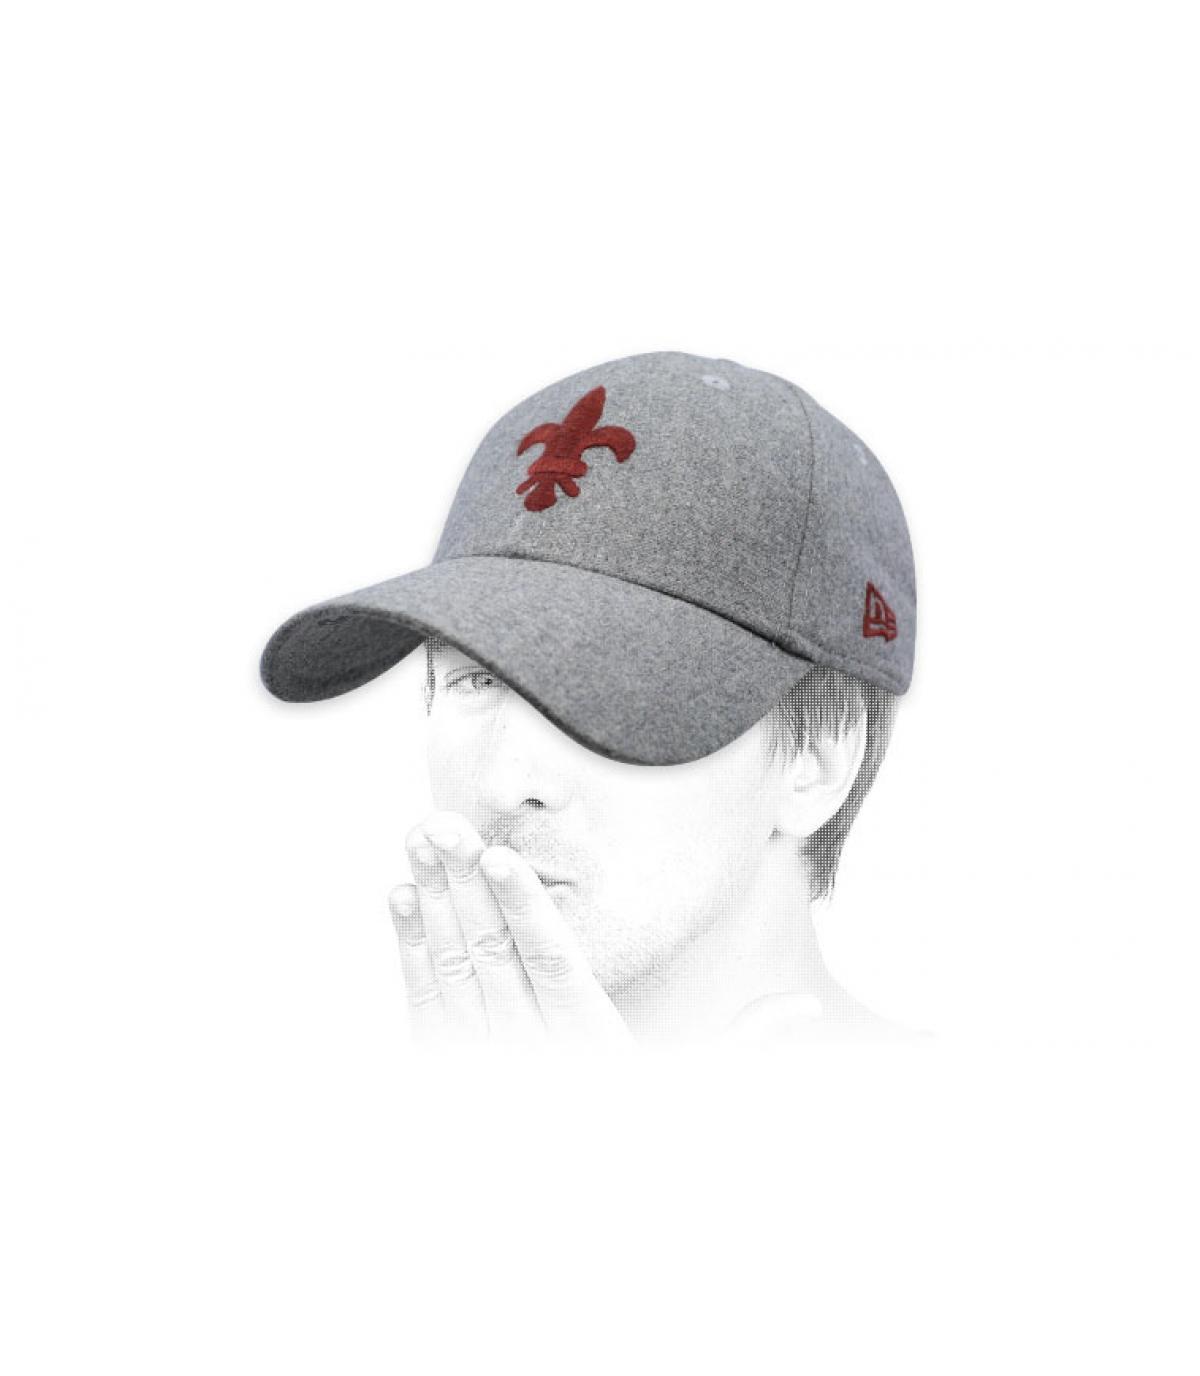 grijze St. Louis cap